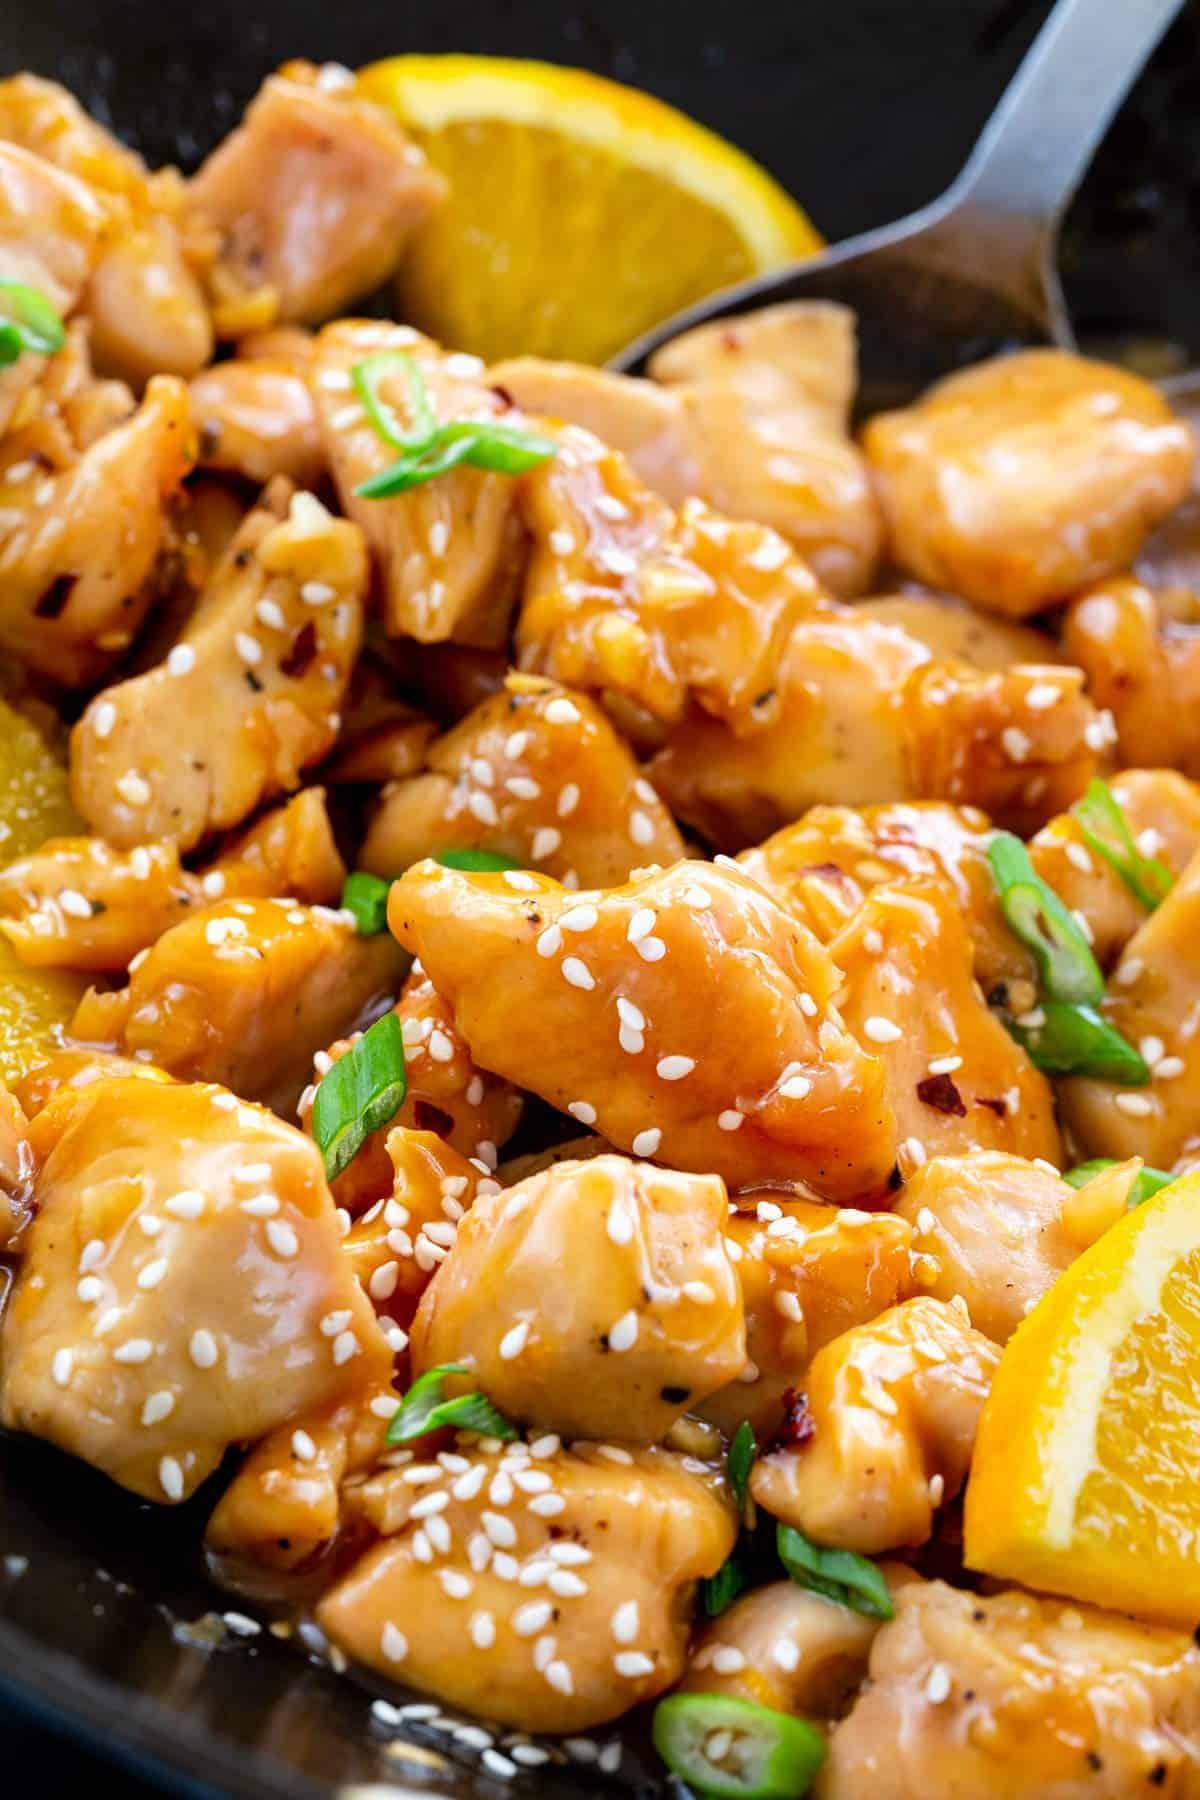 orange chicken cooking in a wok